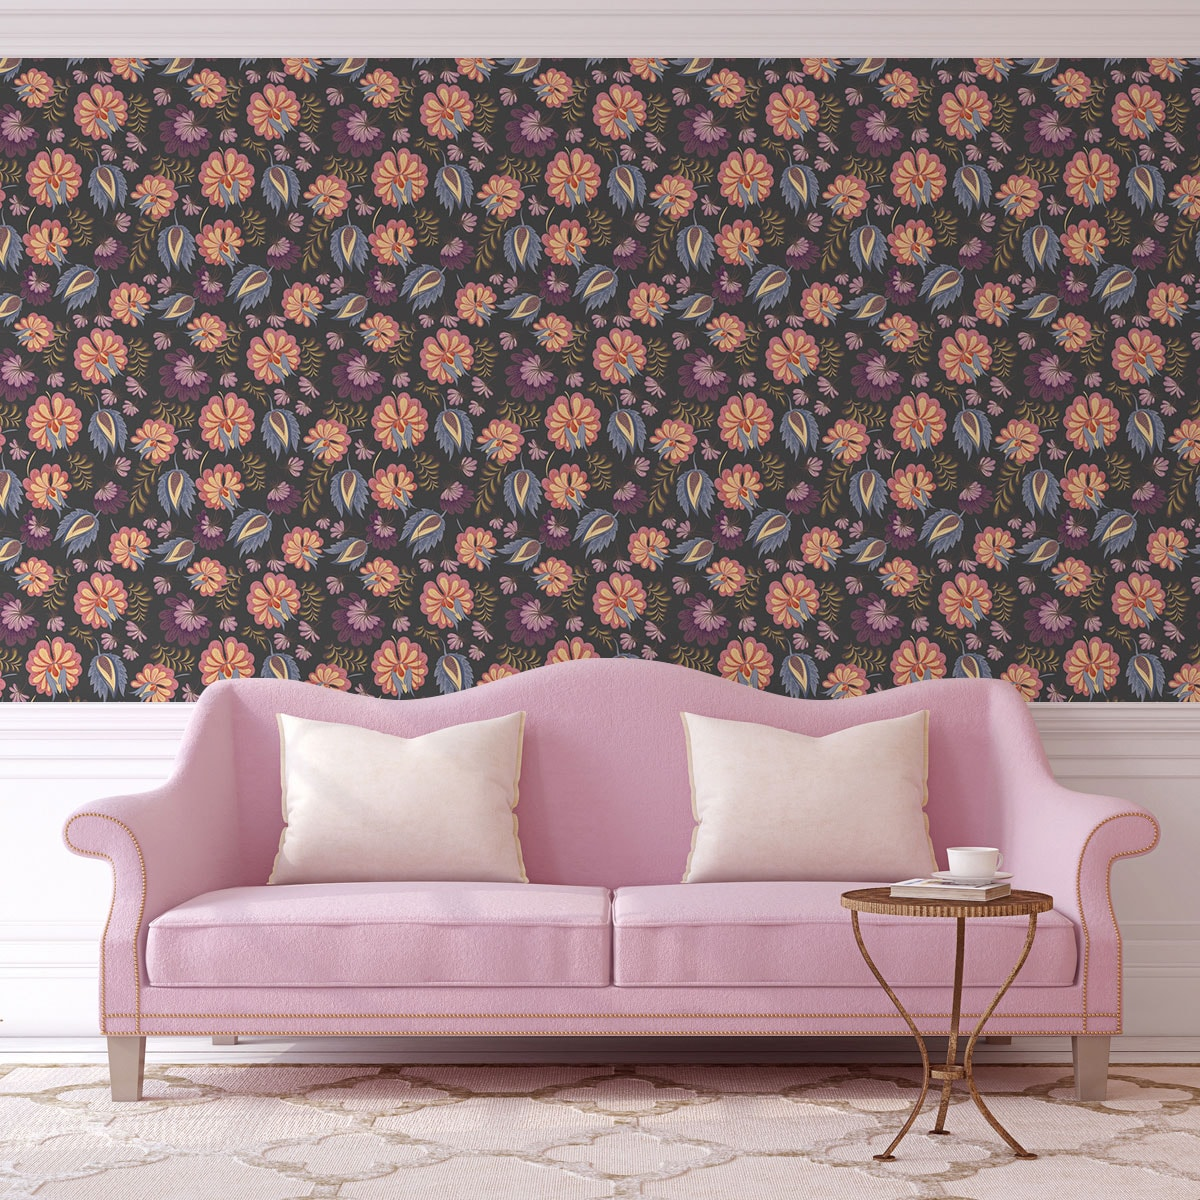 tapeten schlafzimmer blumen xxxl lutz schlafsofas beleuchtung f r kleiderschr nke schlafzimmer. Black Bedroom Furniture Sets. Home Design Ideas